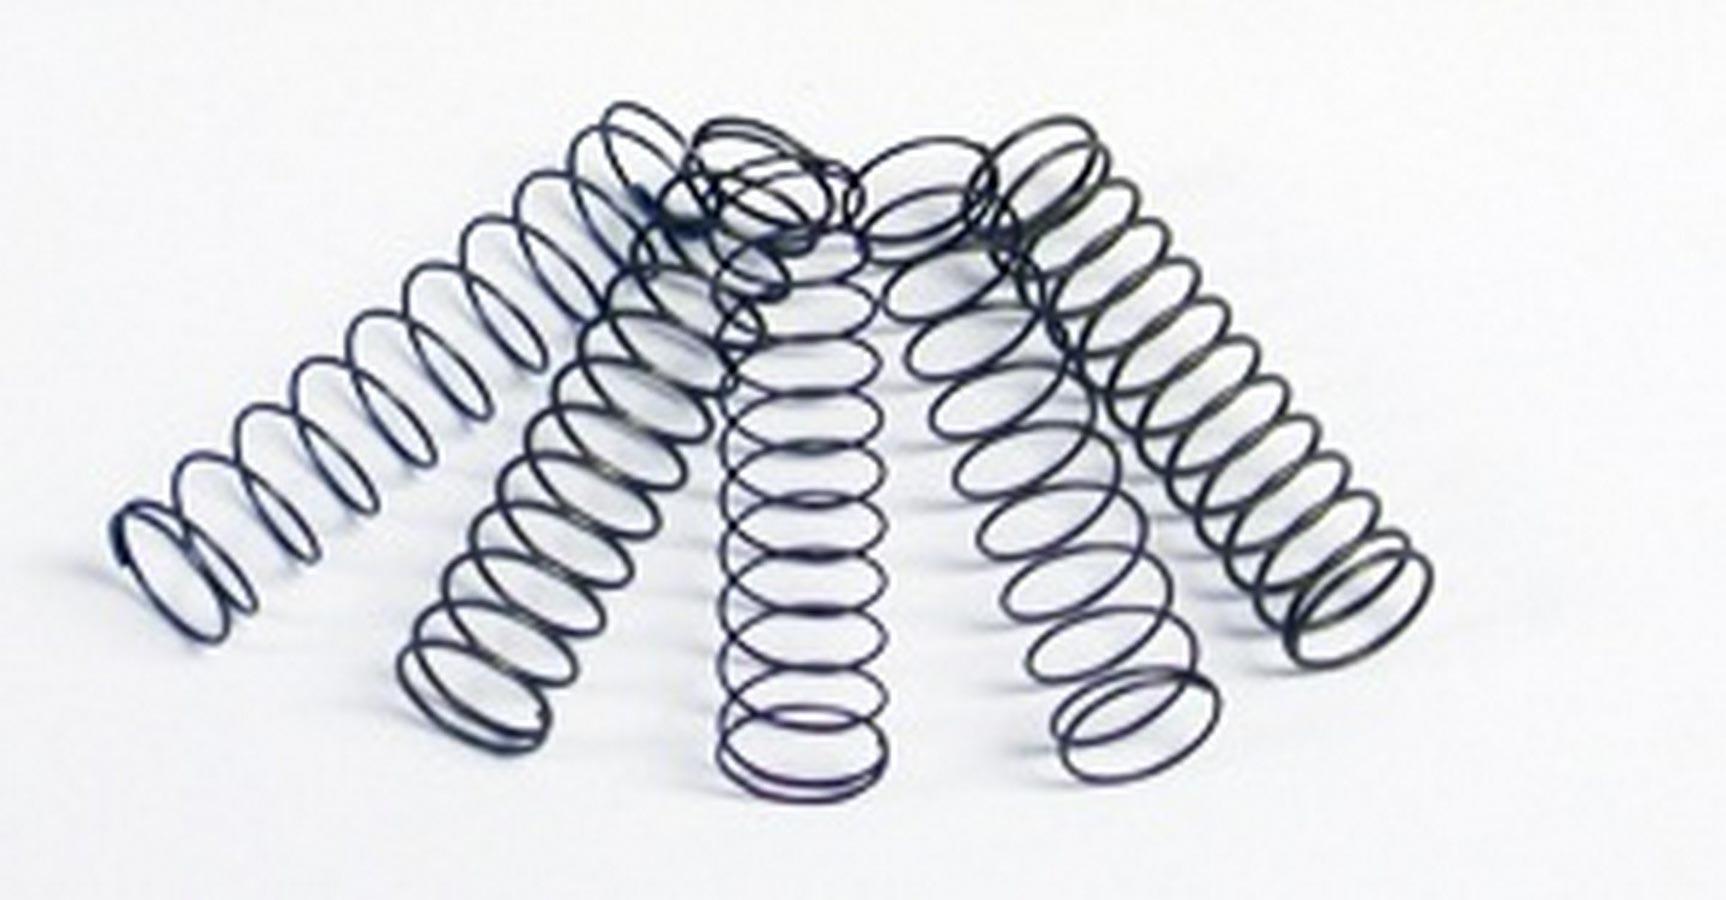 Kinsler 3304 Bypass Valve Spring Kit, 0.028 to 0.042 in Wire Diameter, Steel, Kinsler Bypass Valve, Kit